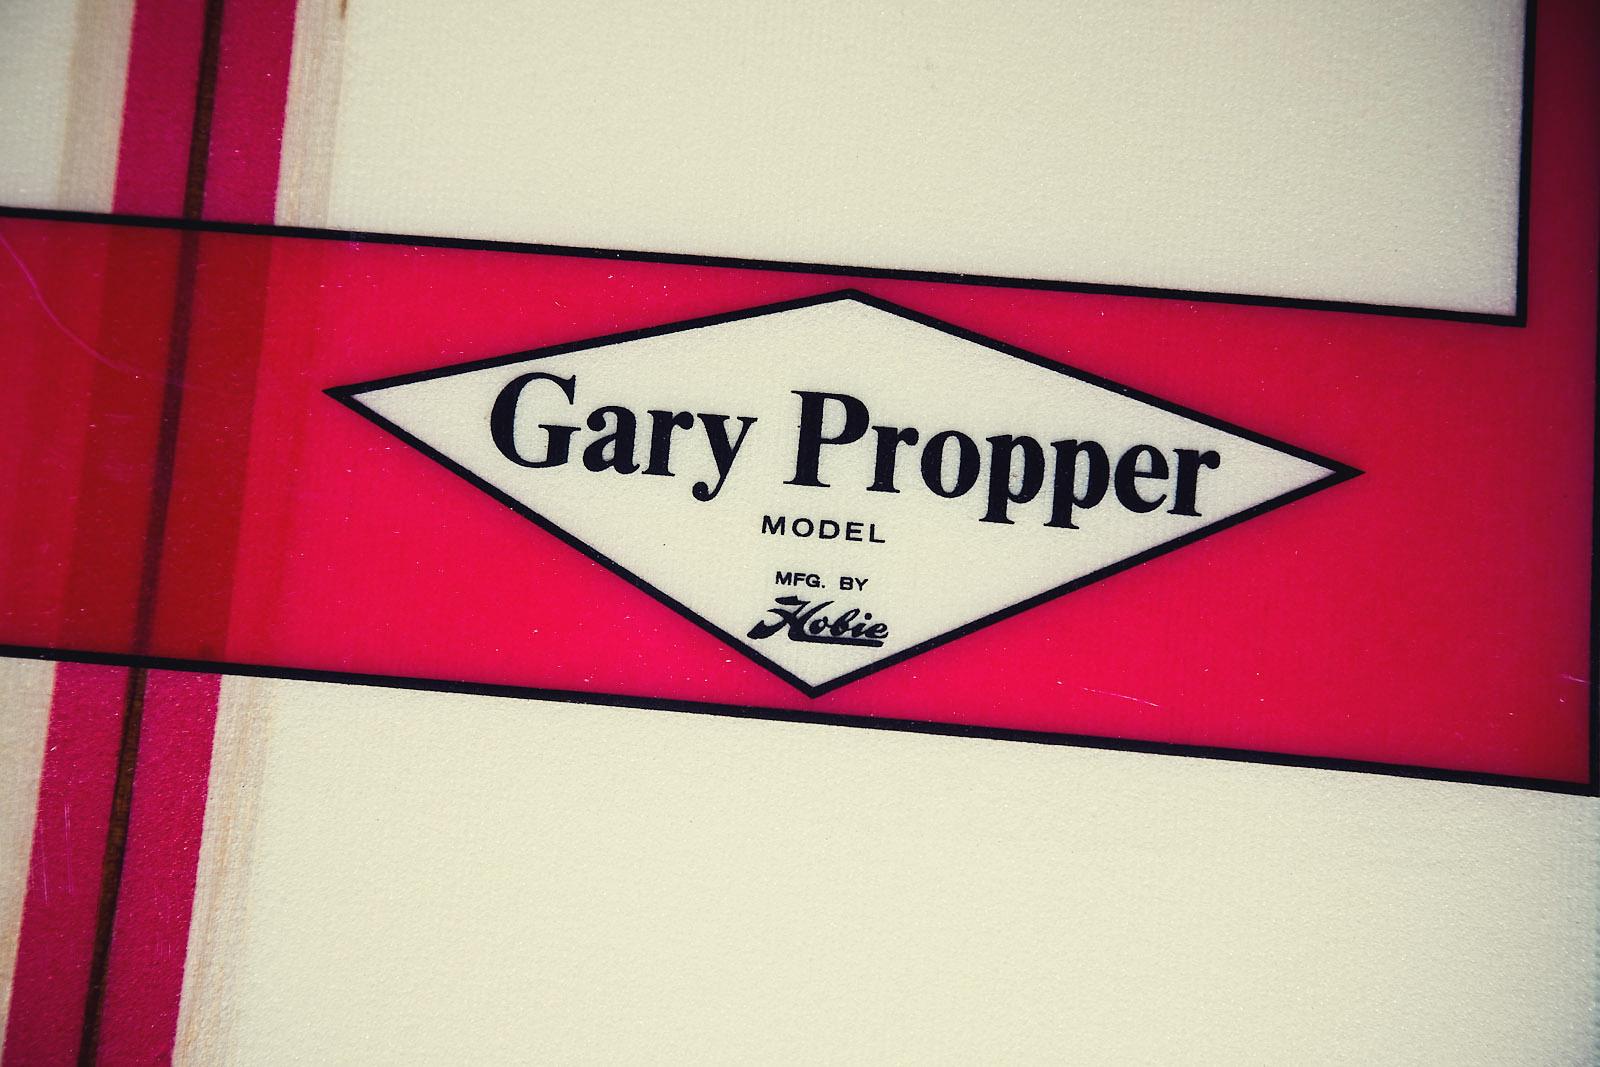 Gary Propper Surfboard Model by Hobie